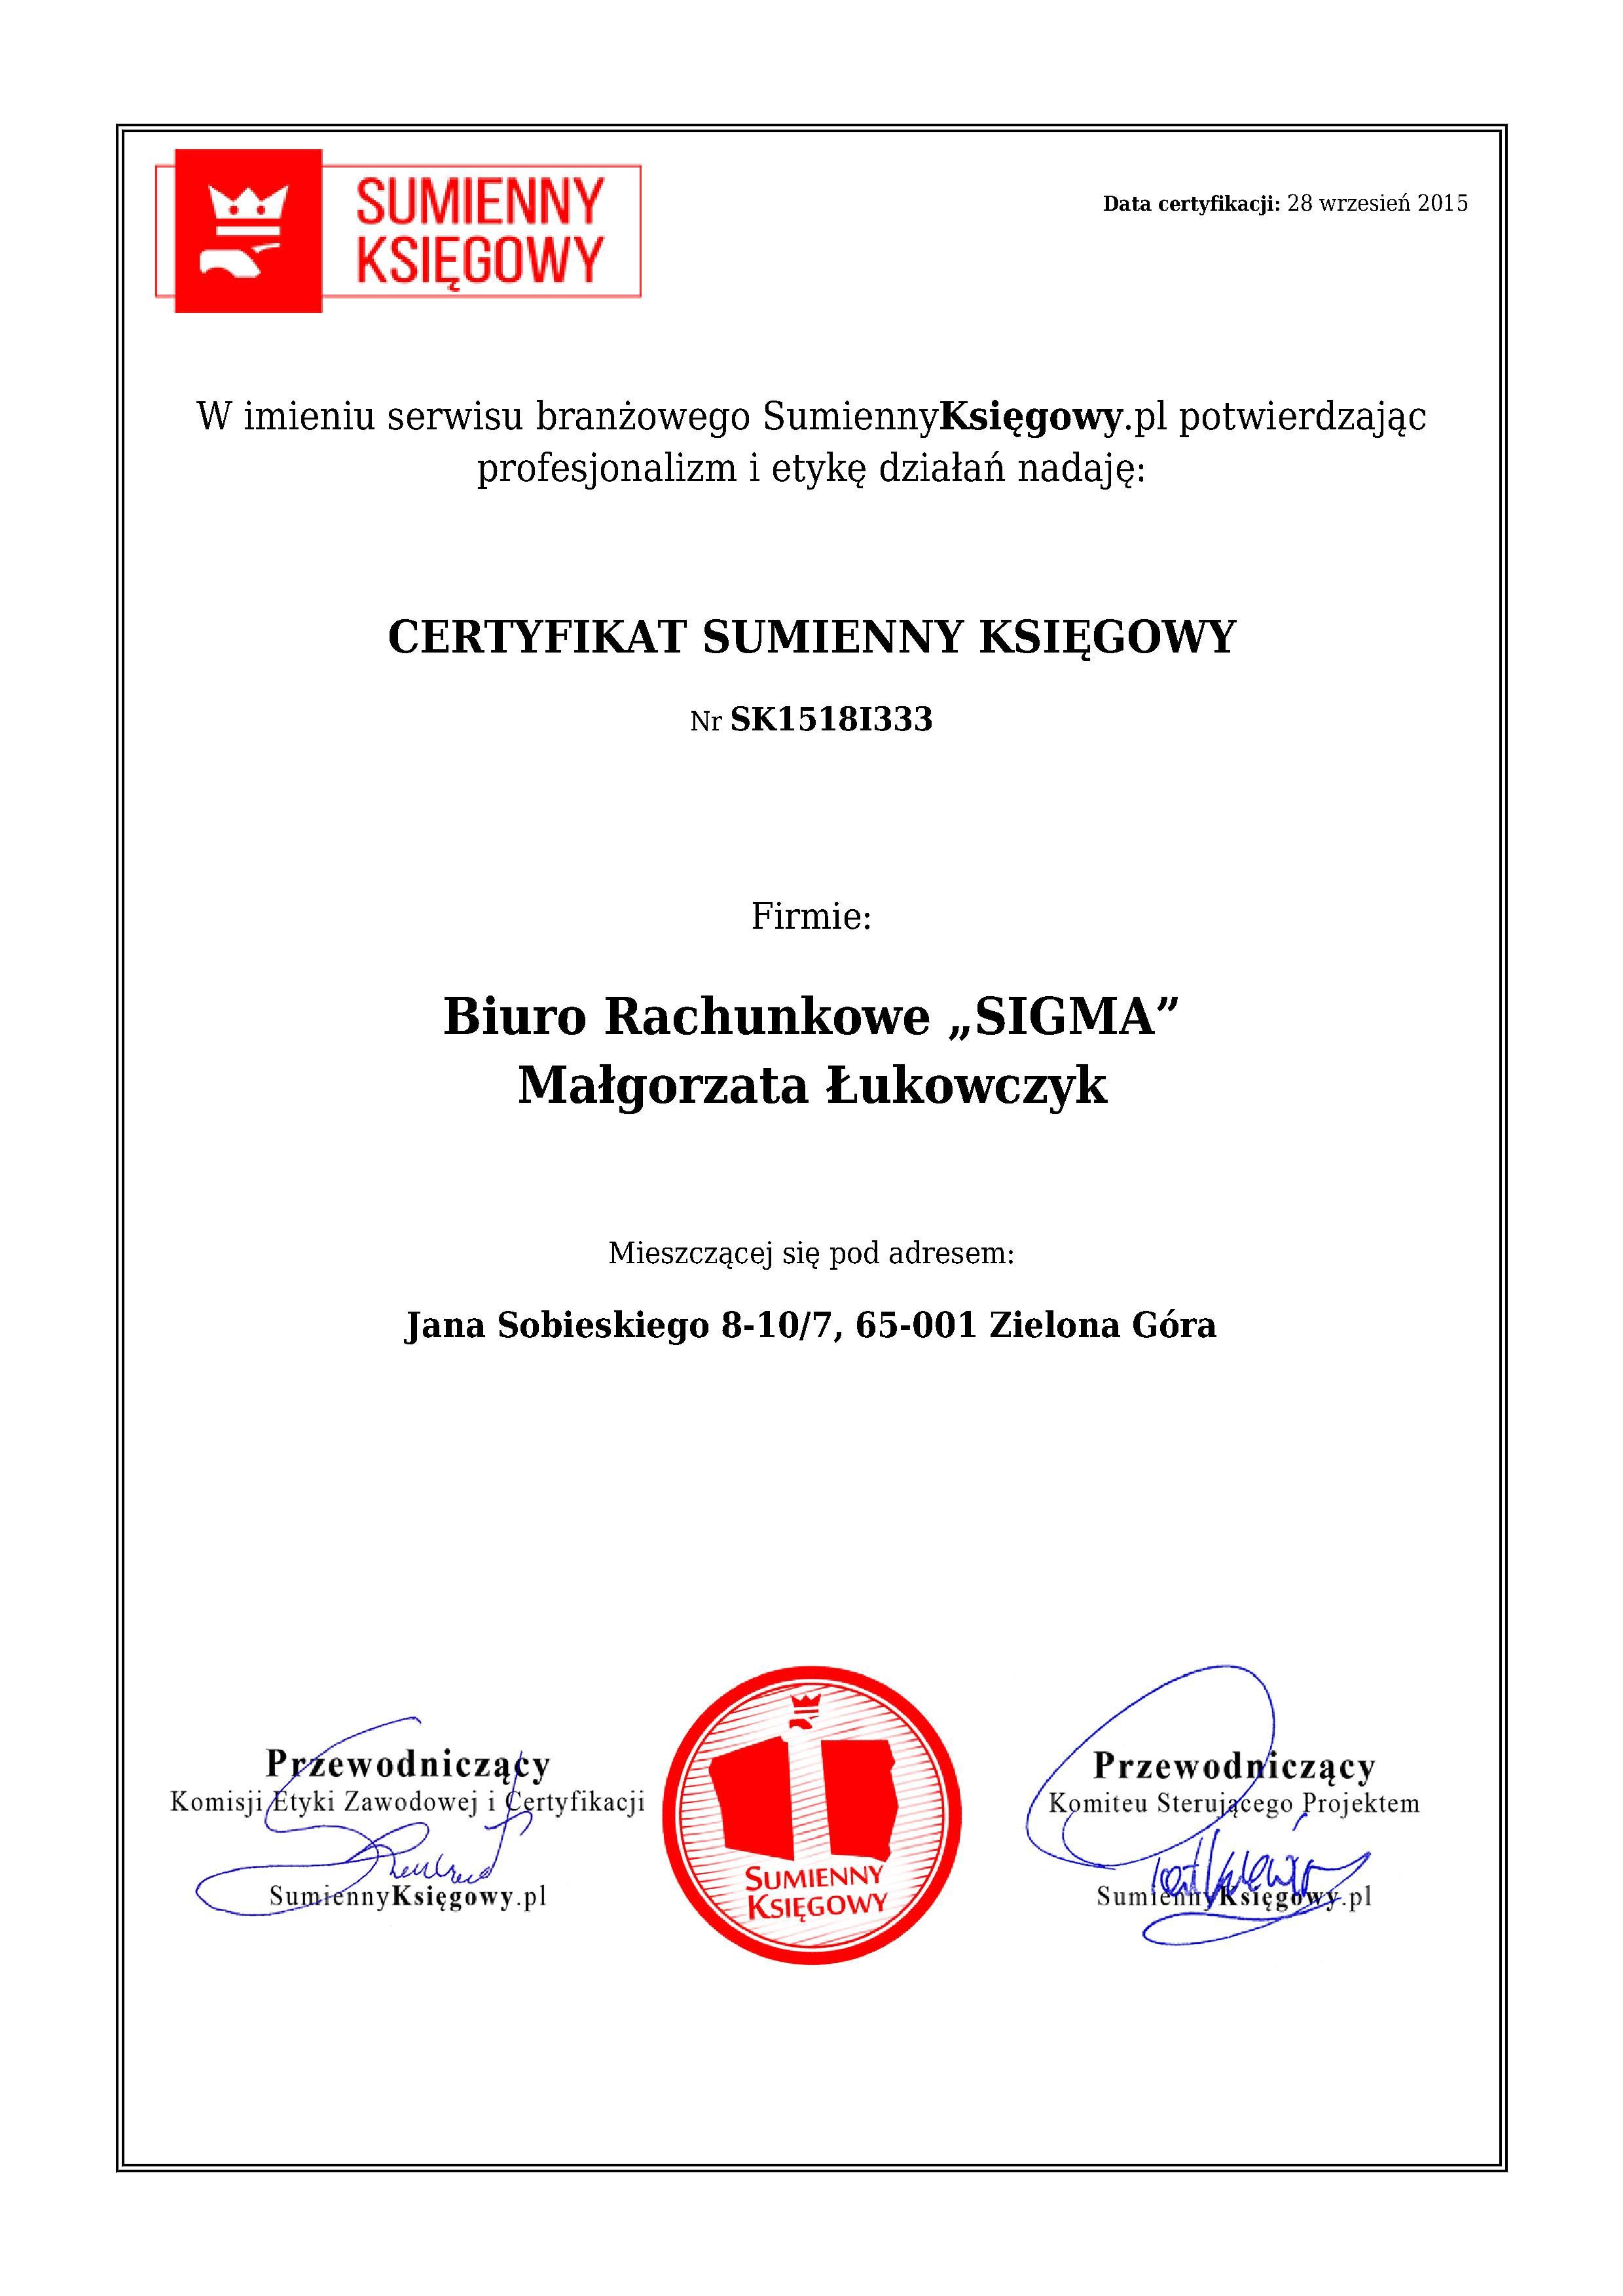 """Certyfikat Biuro Rachunkowe """"SIGMA"""" Małgorzata Łukowczyk"""